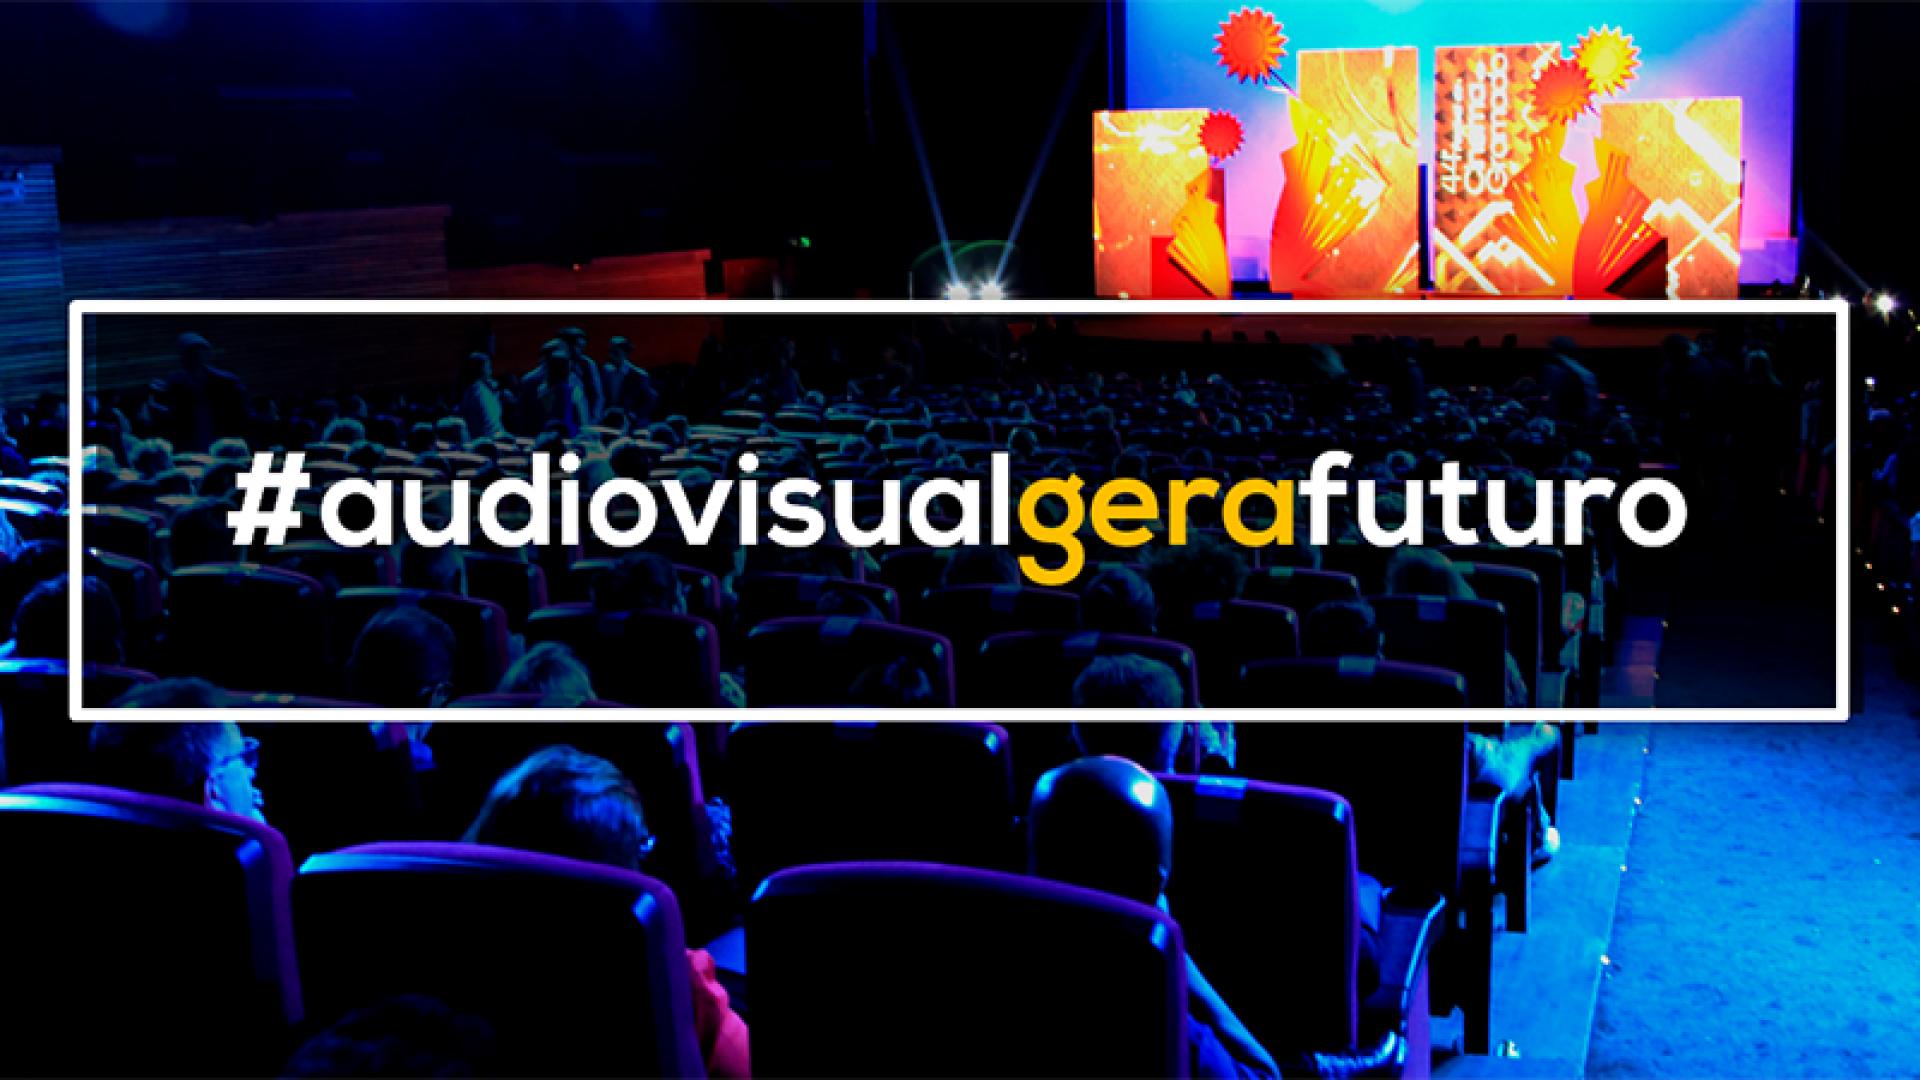 audiovisualgerafuturo